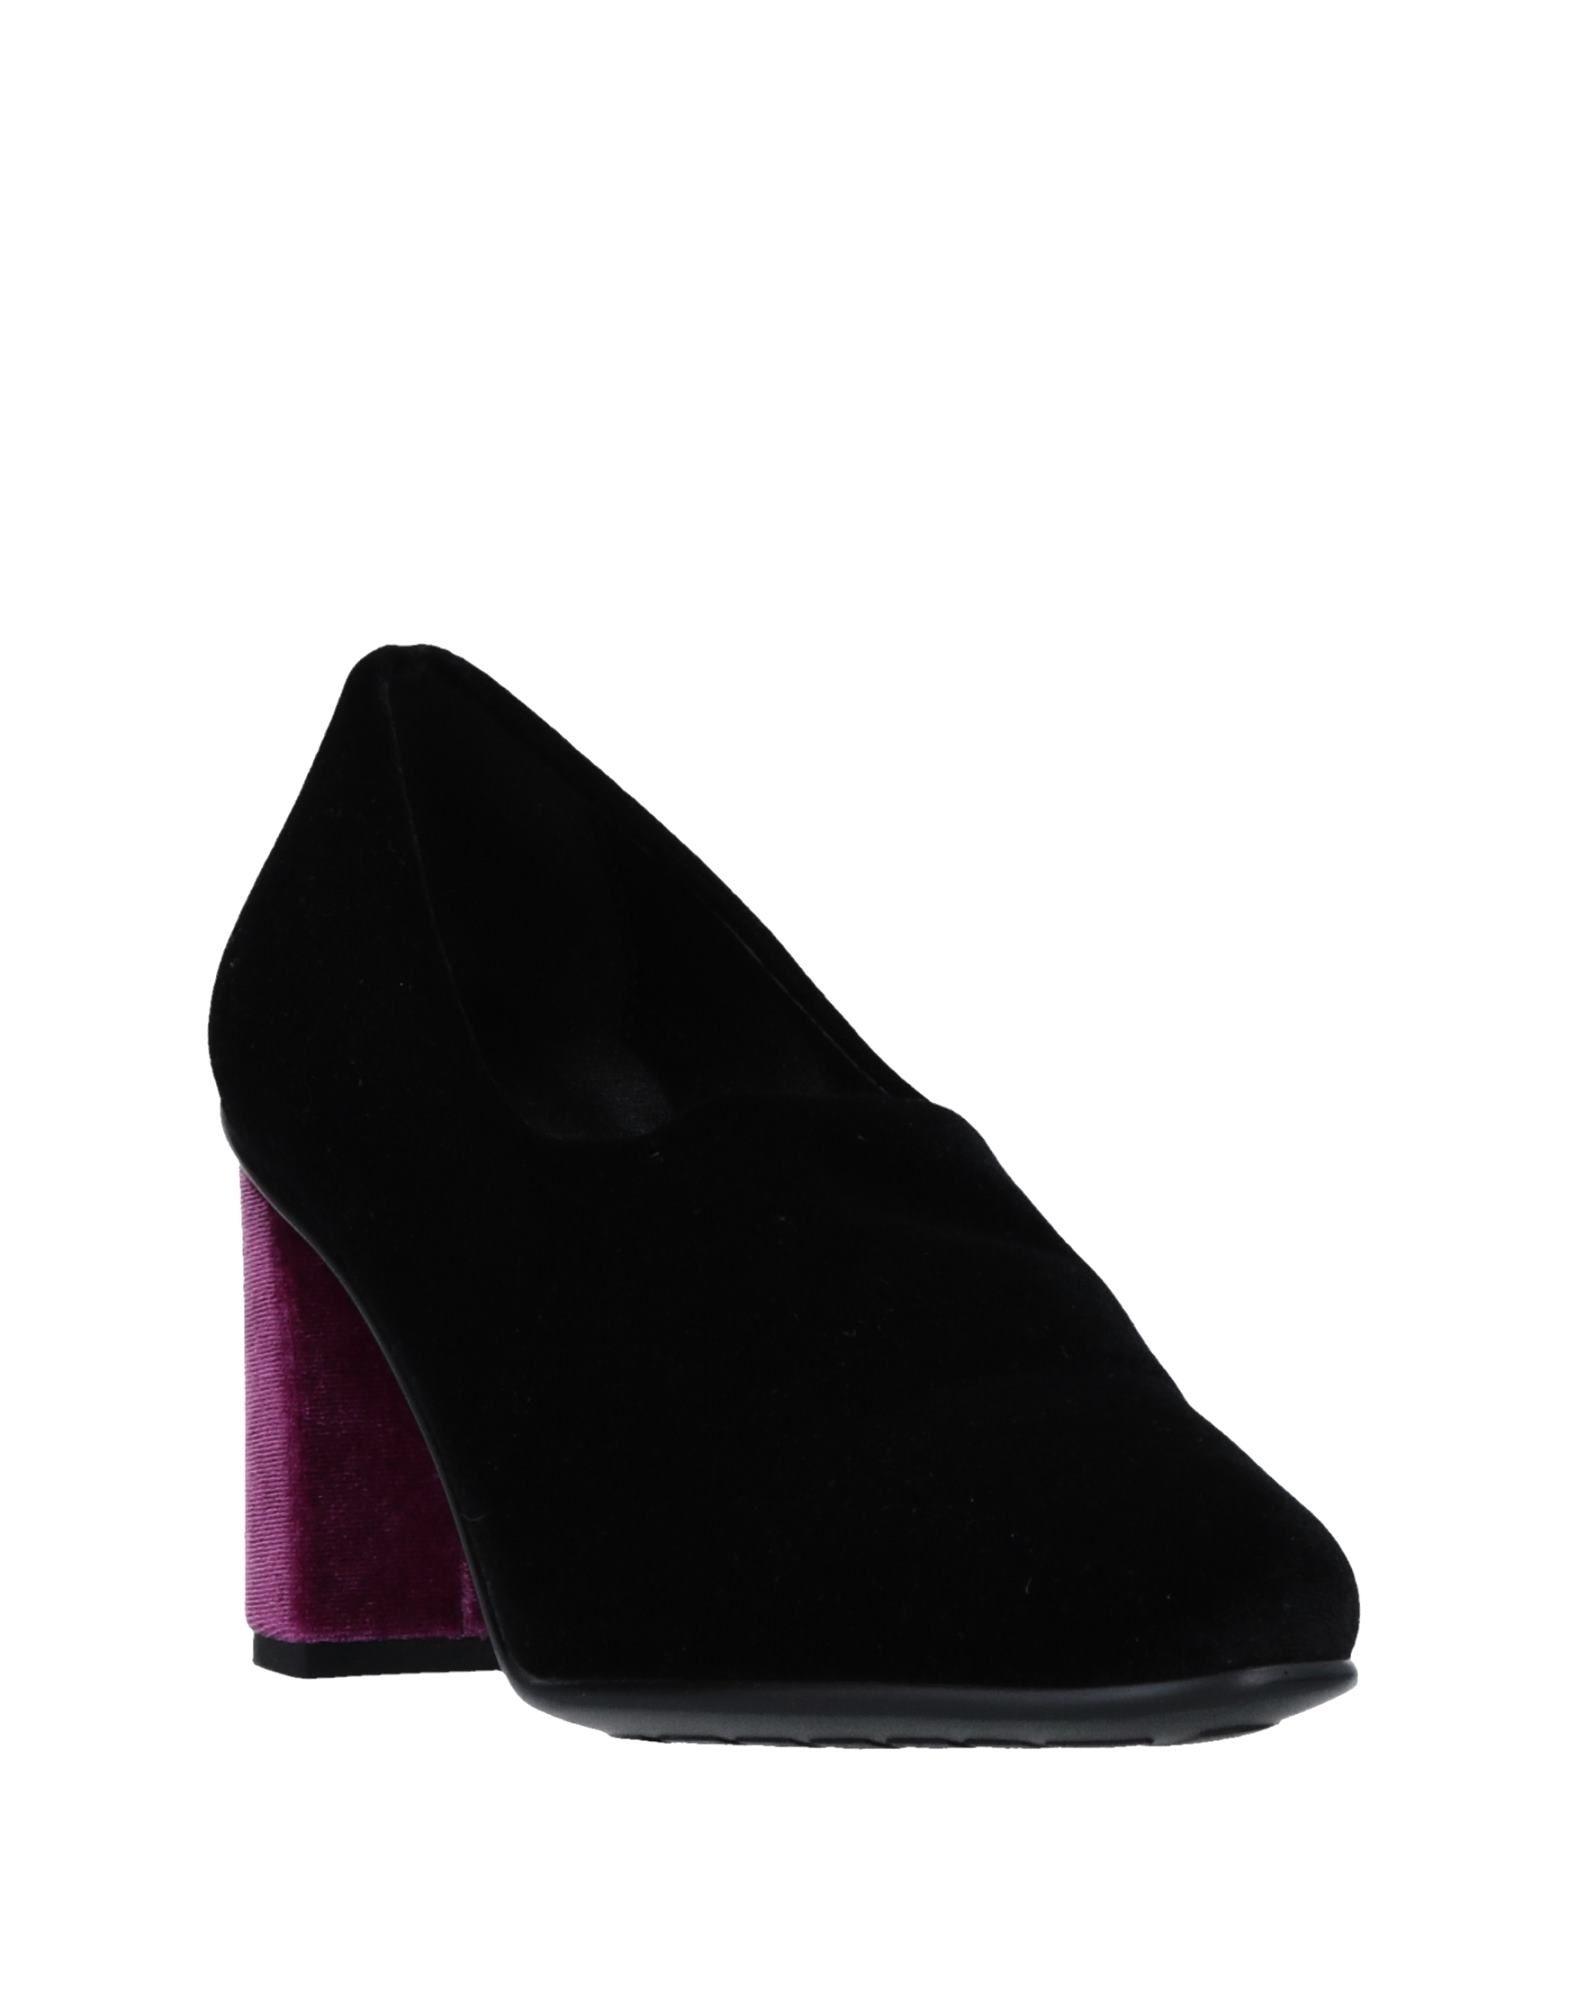 Gut um billige Pumps Schuhe zu tragenNr Rapisardi Pumps billige Damen  11504937RH 4ea2ff